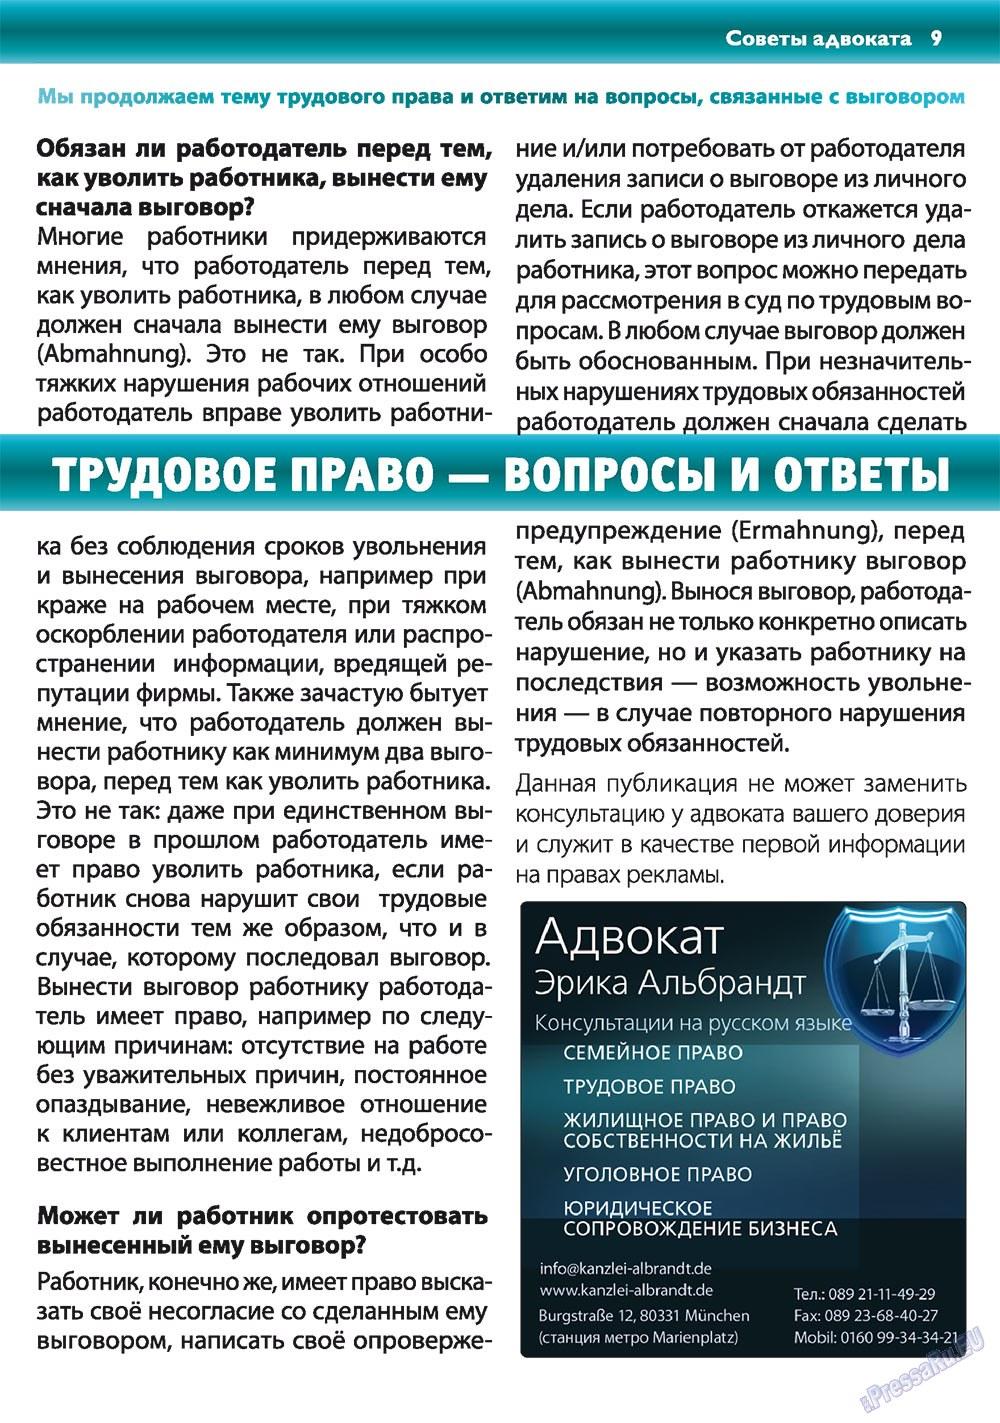 Апельсин (журнал). 2011 год, номер 21, стр. 9